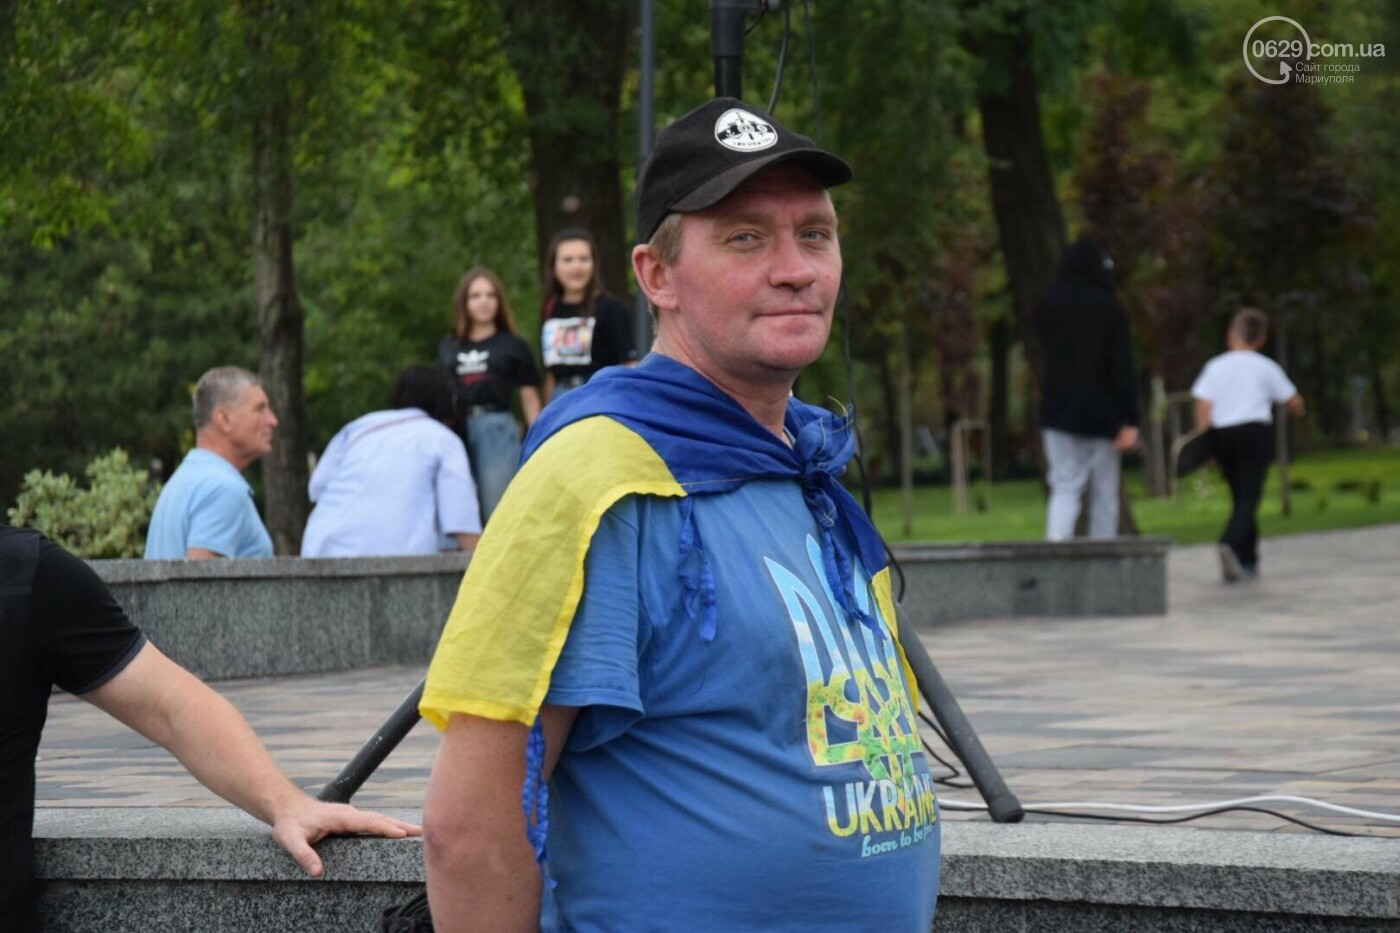 В Мариуполе радостно встретили Закон об украинском языке, - ФОТО, фото-10